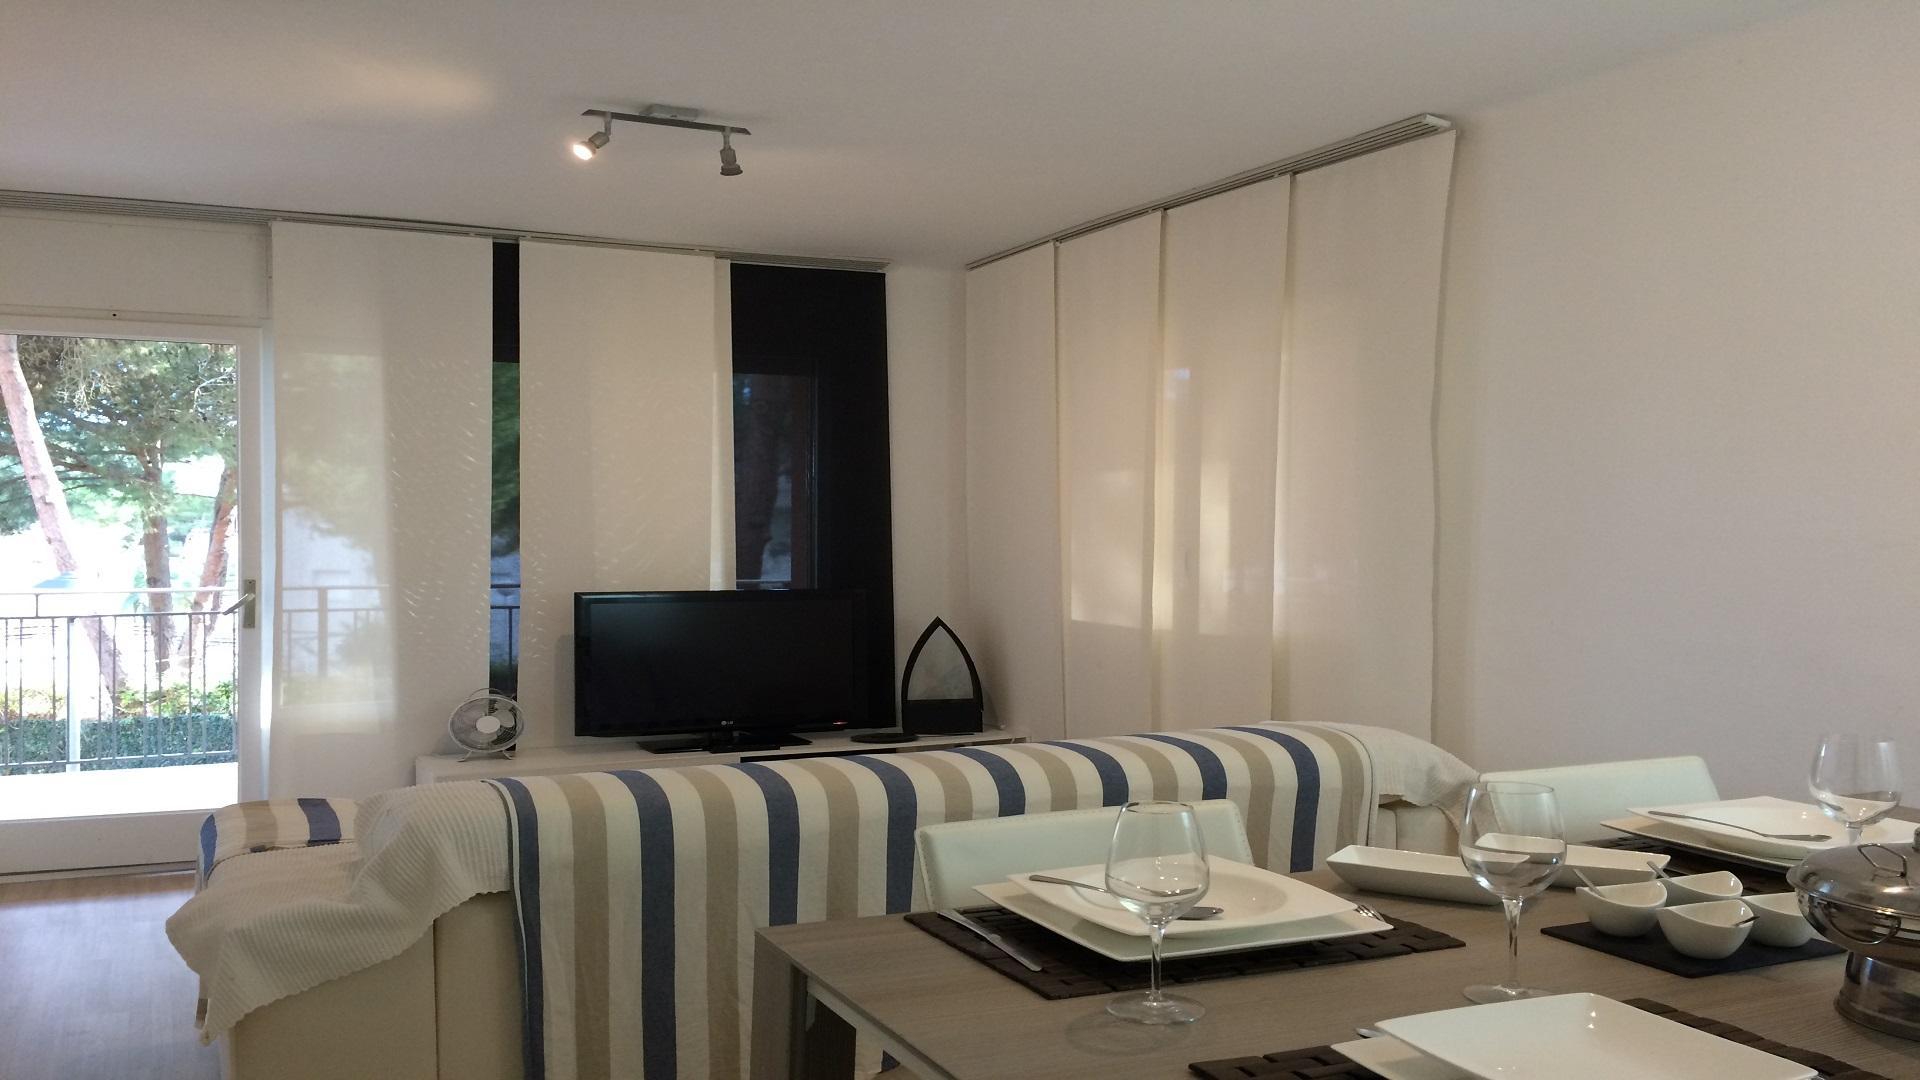 Location vacances Appartement La Fosca